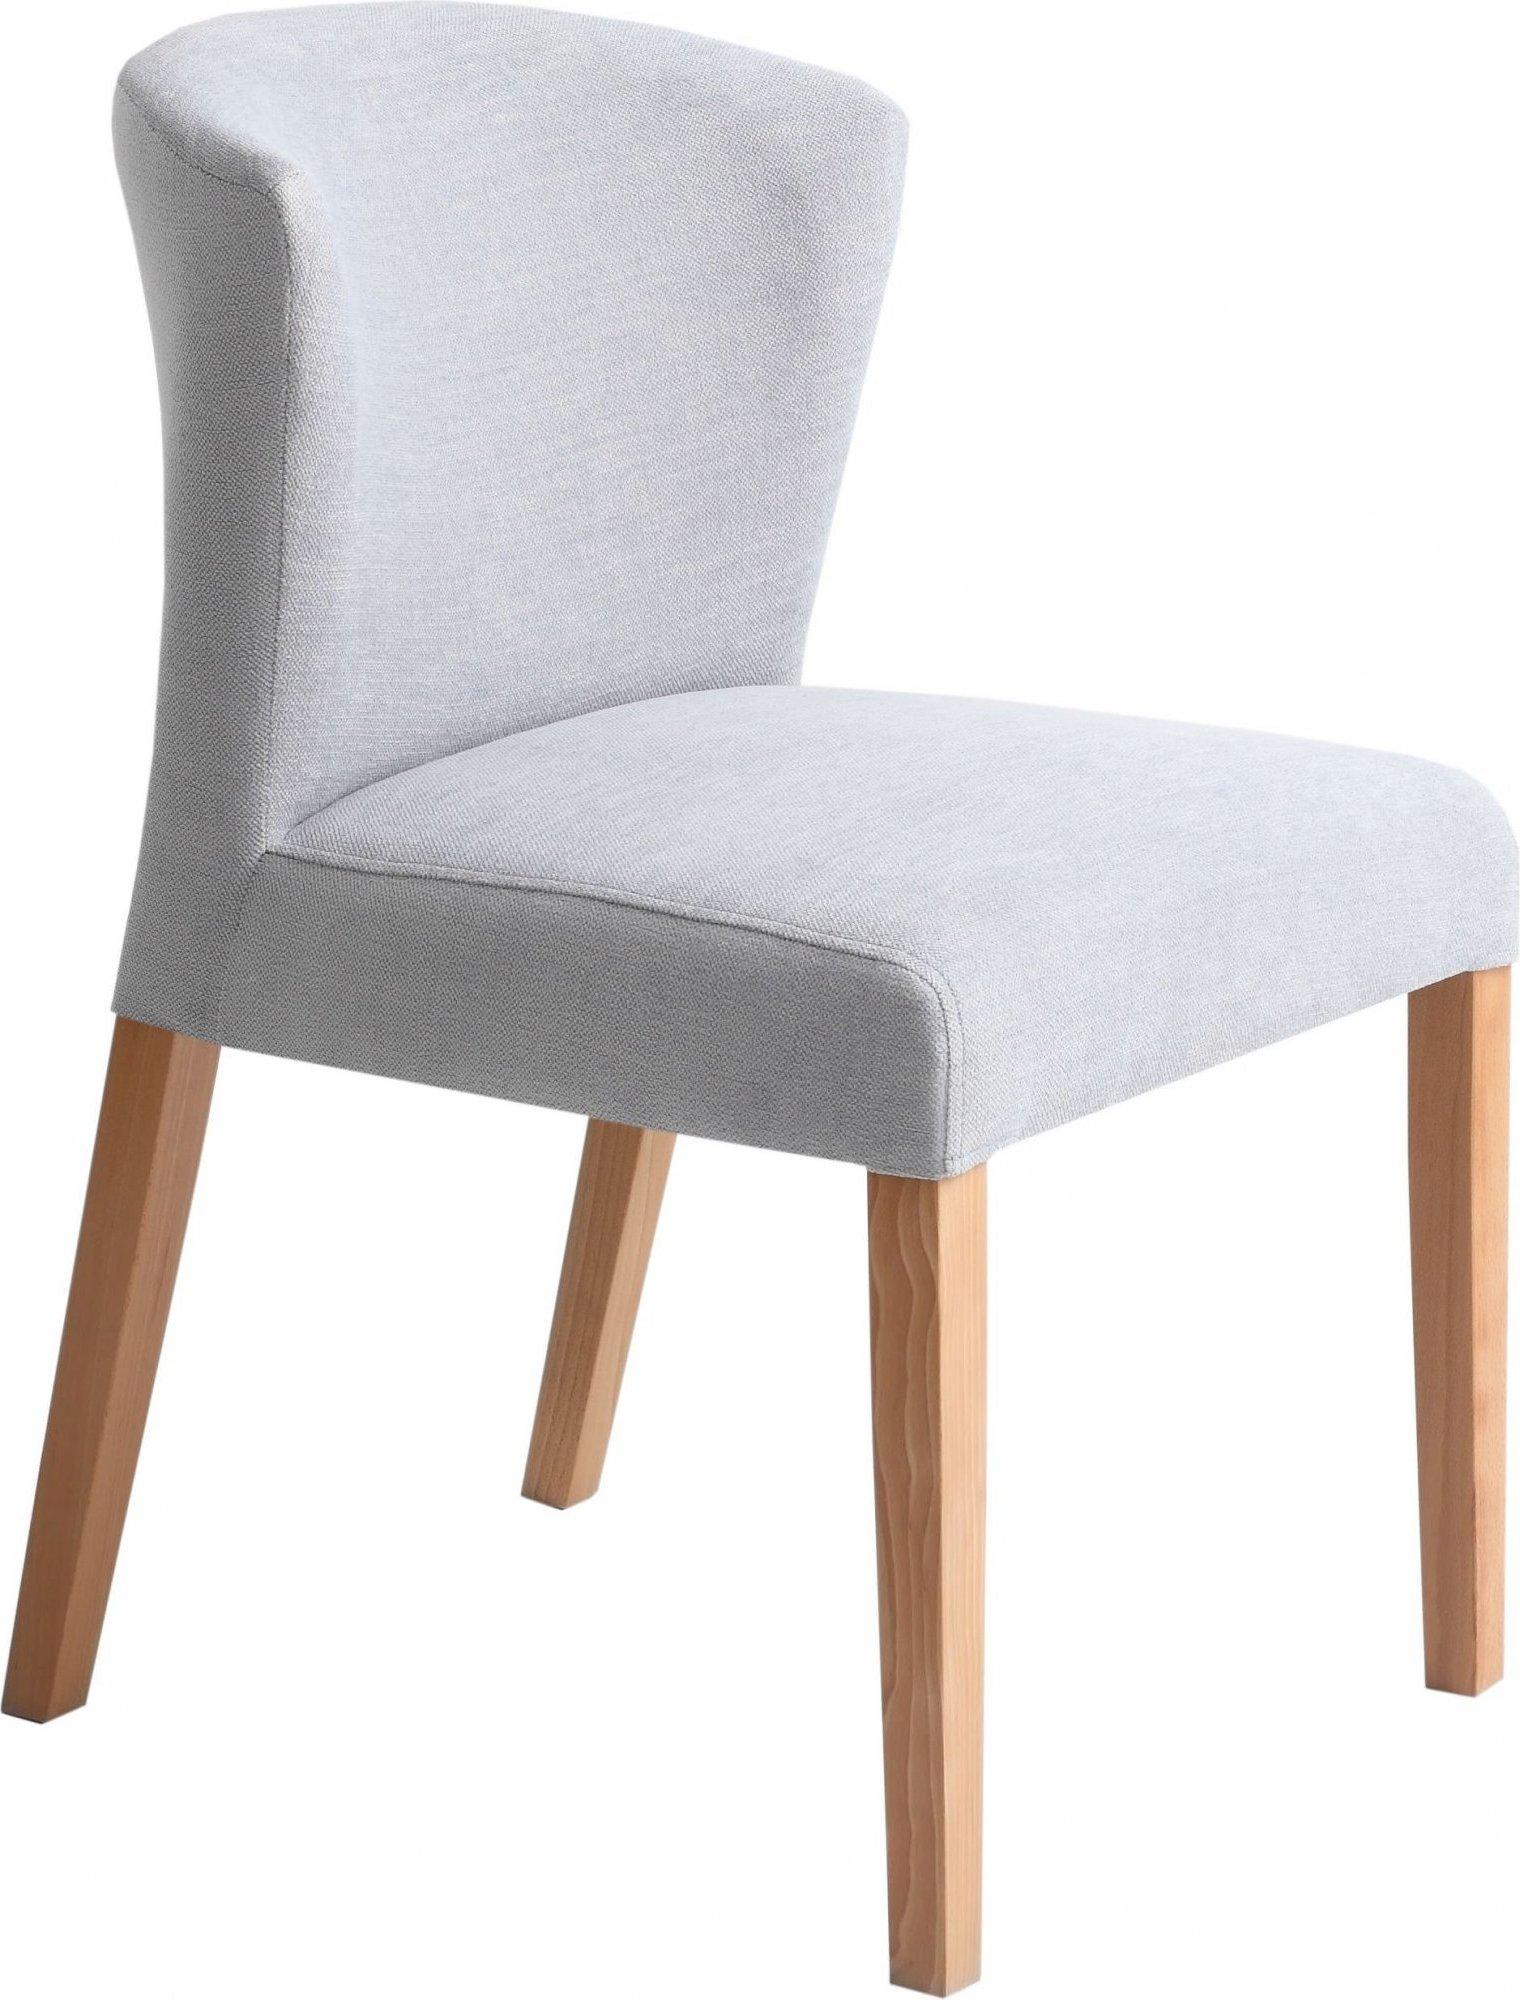 Chaise cosy rembourrée couleur gris clair pieds bois clair